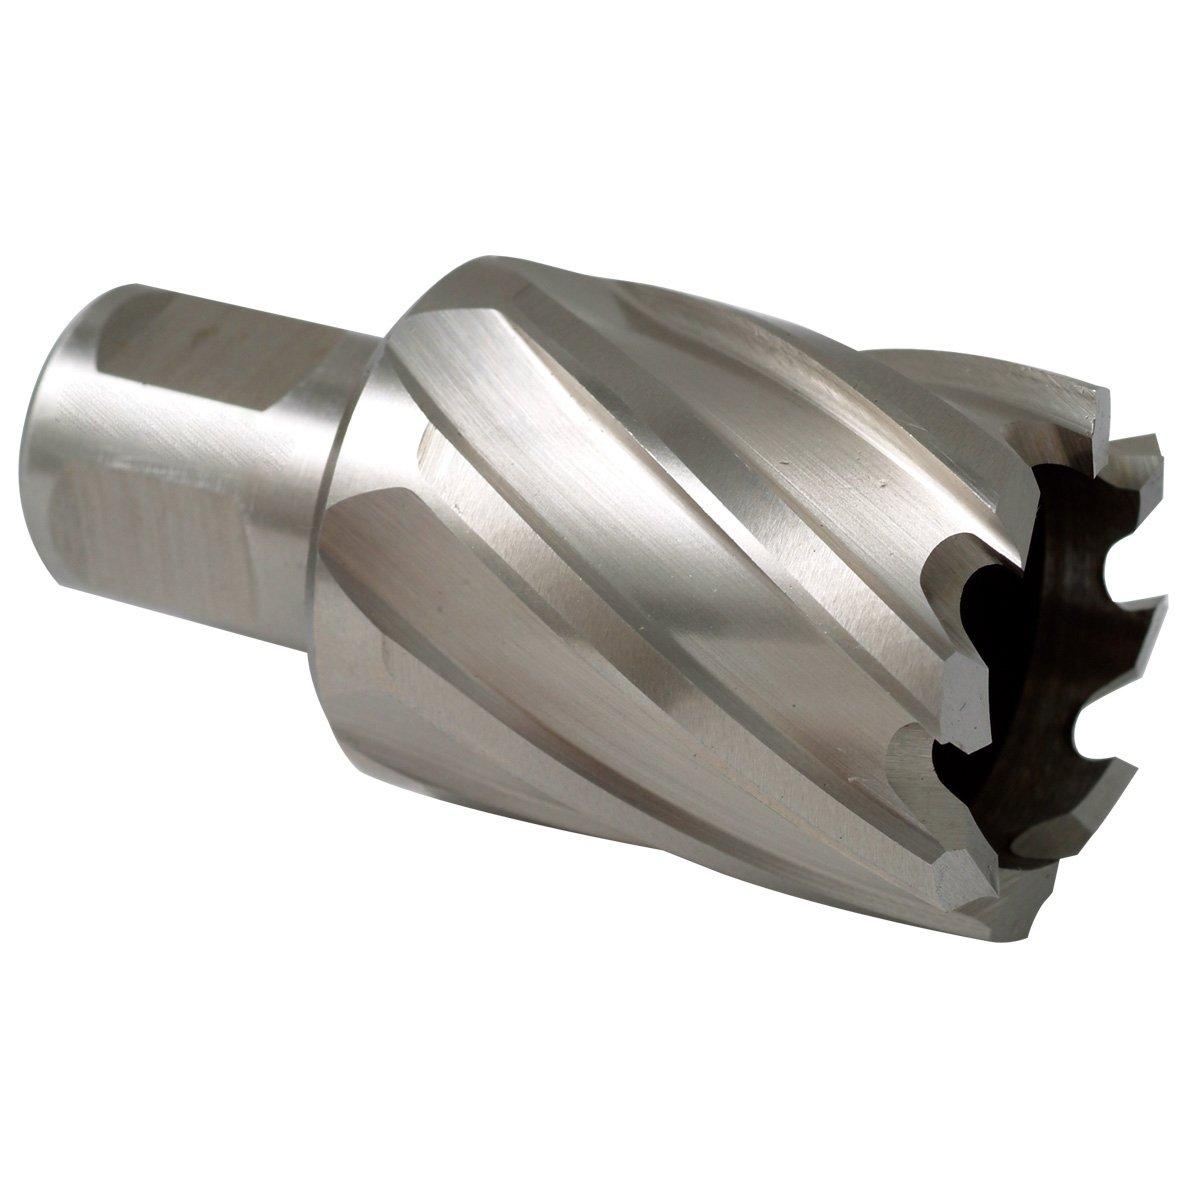 1-1//2 3//4 Shank HHIP 5022-1500 1 Depth M35 Cobalt Annular Cutter